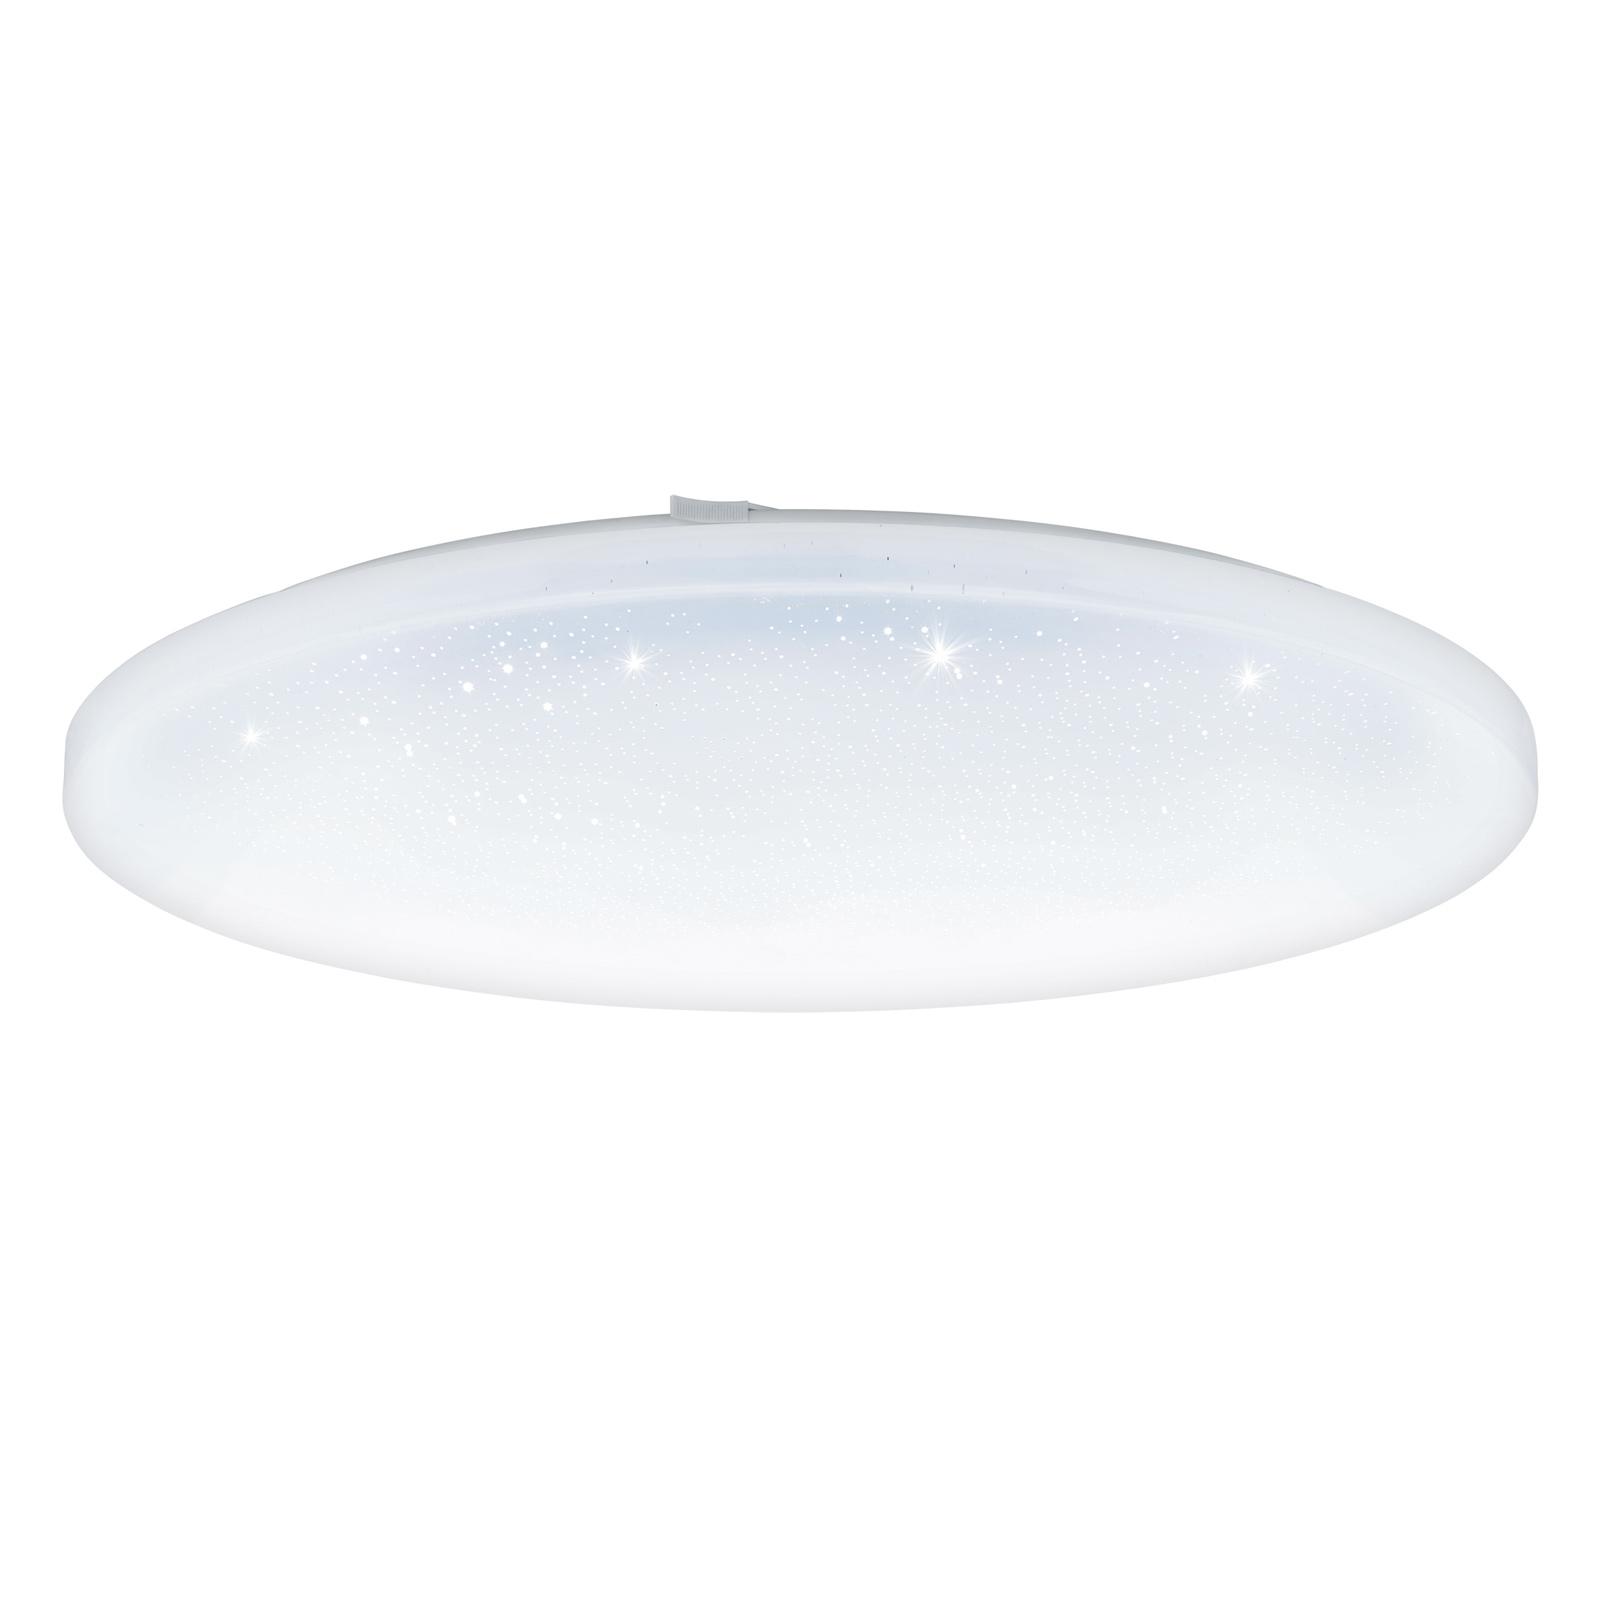 LED-Deckenlampe Frania mit Kristalleffekt, rund